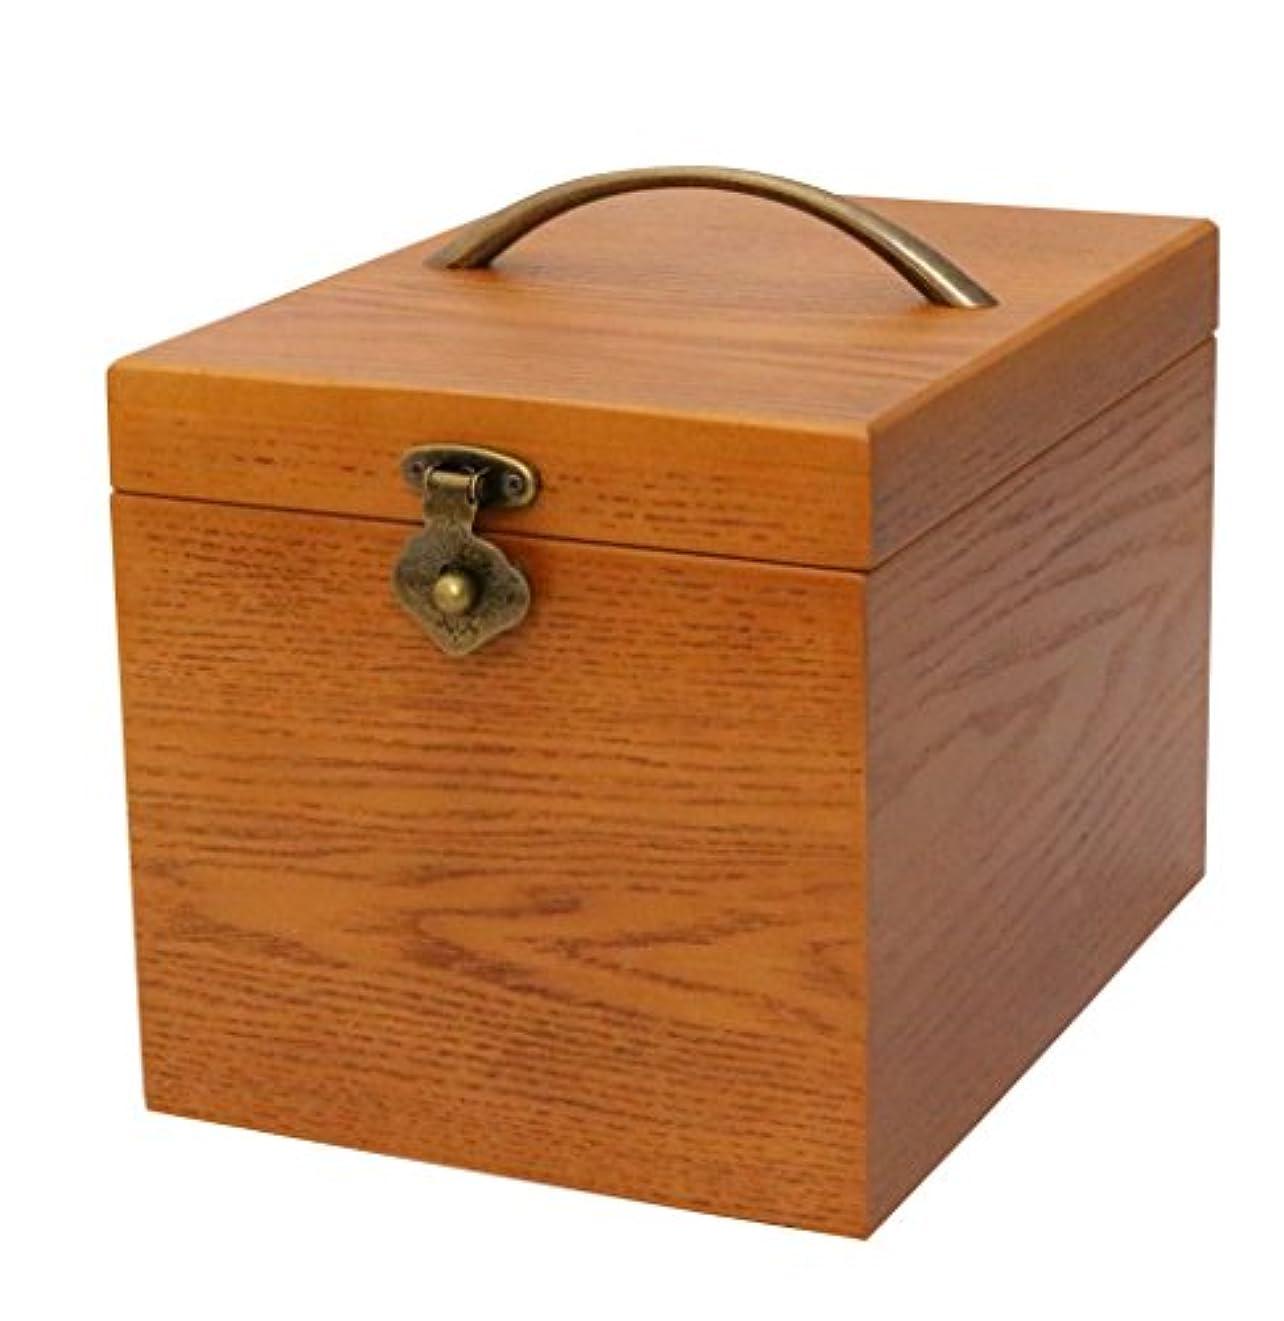 道経験的犯罪クレエ 木製 メイクボックス 鏡付き化粧品箱 ブラウン 90900044 18×24×17.5